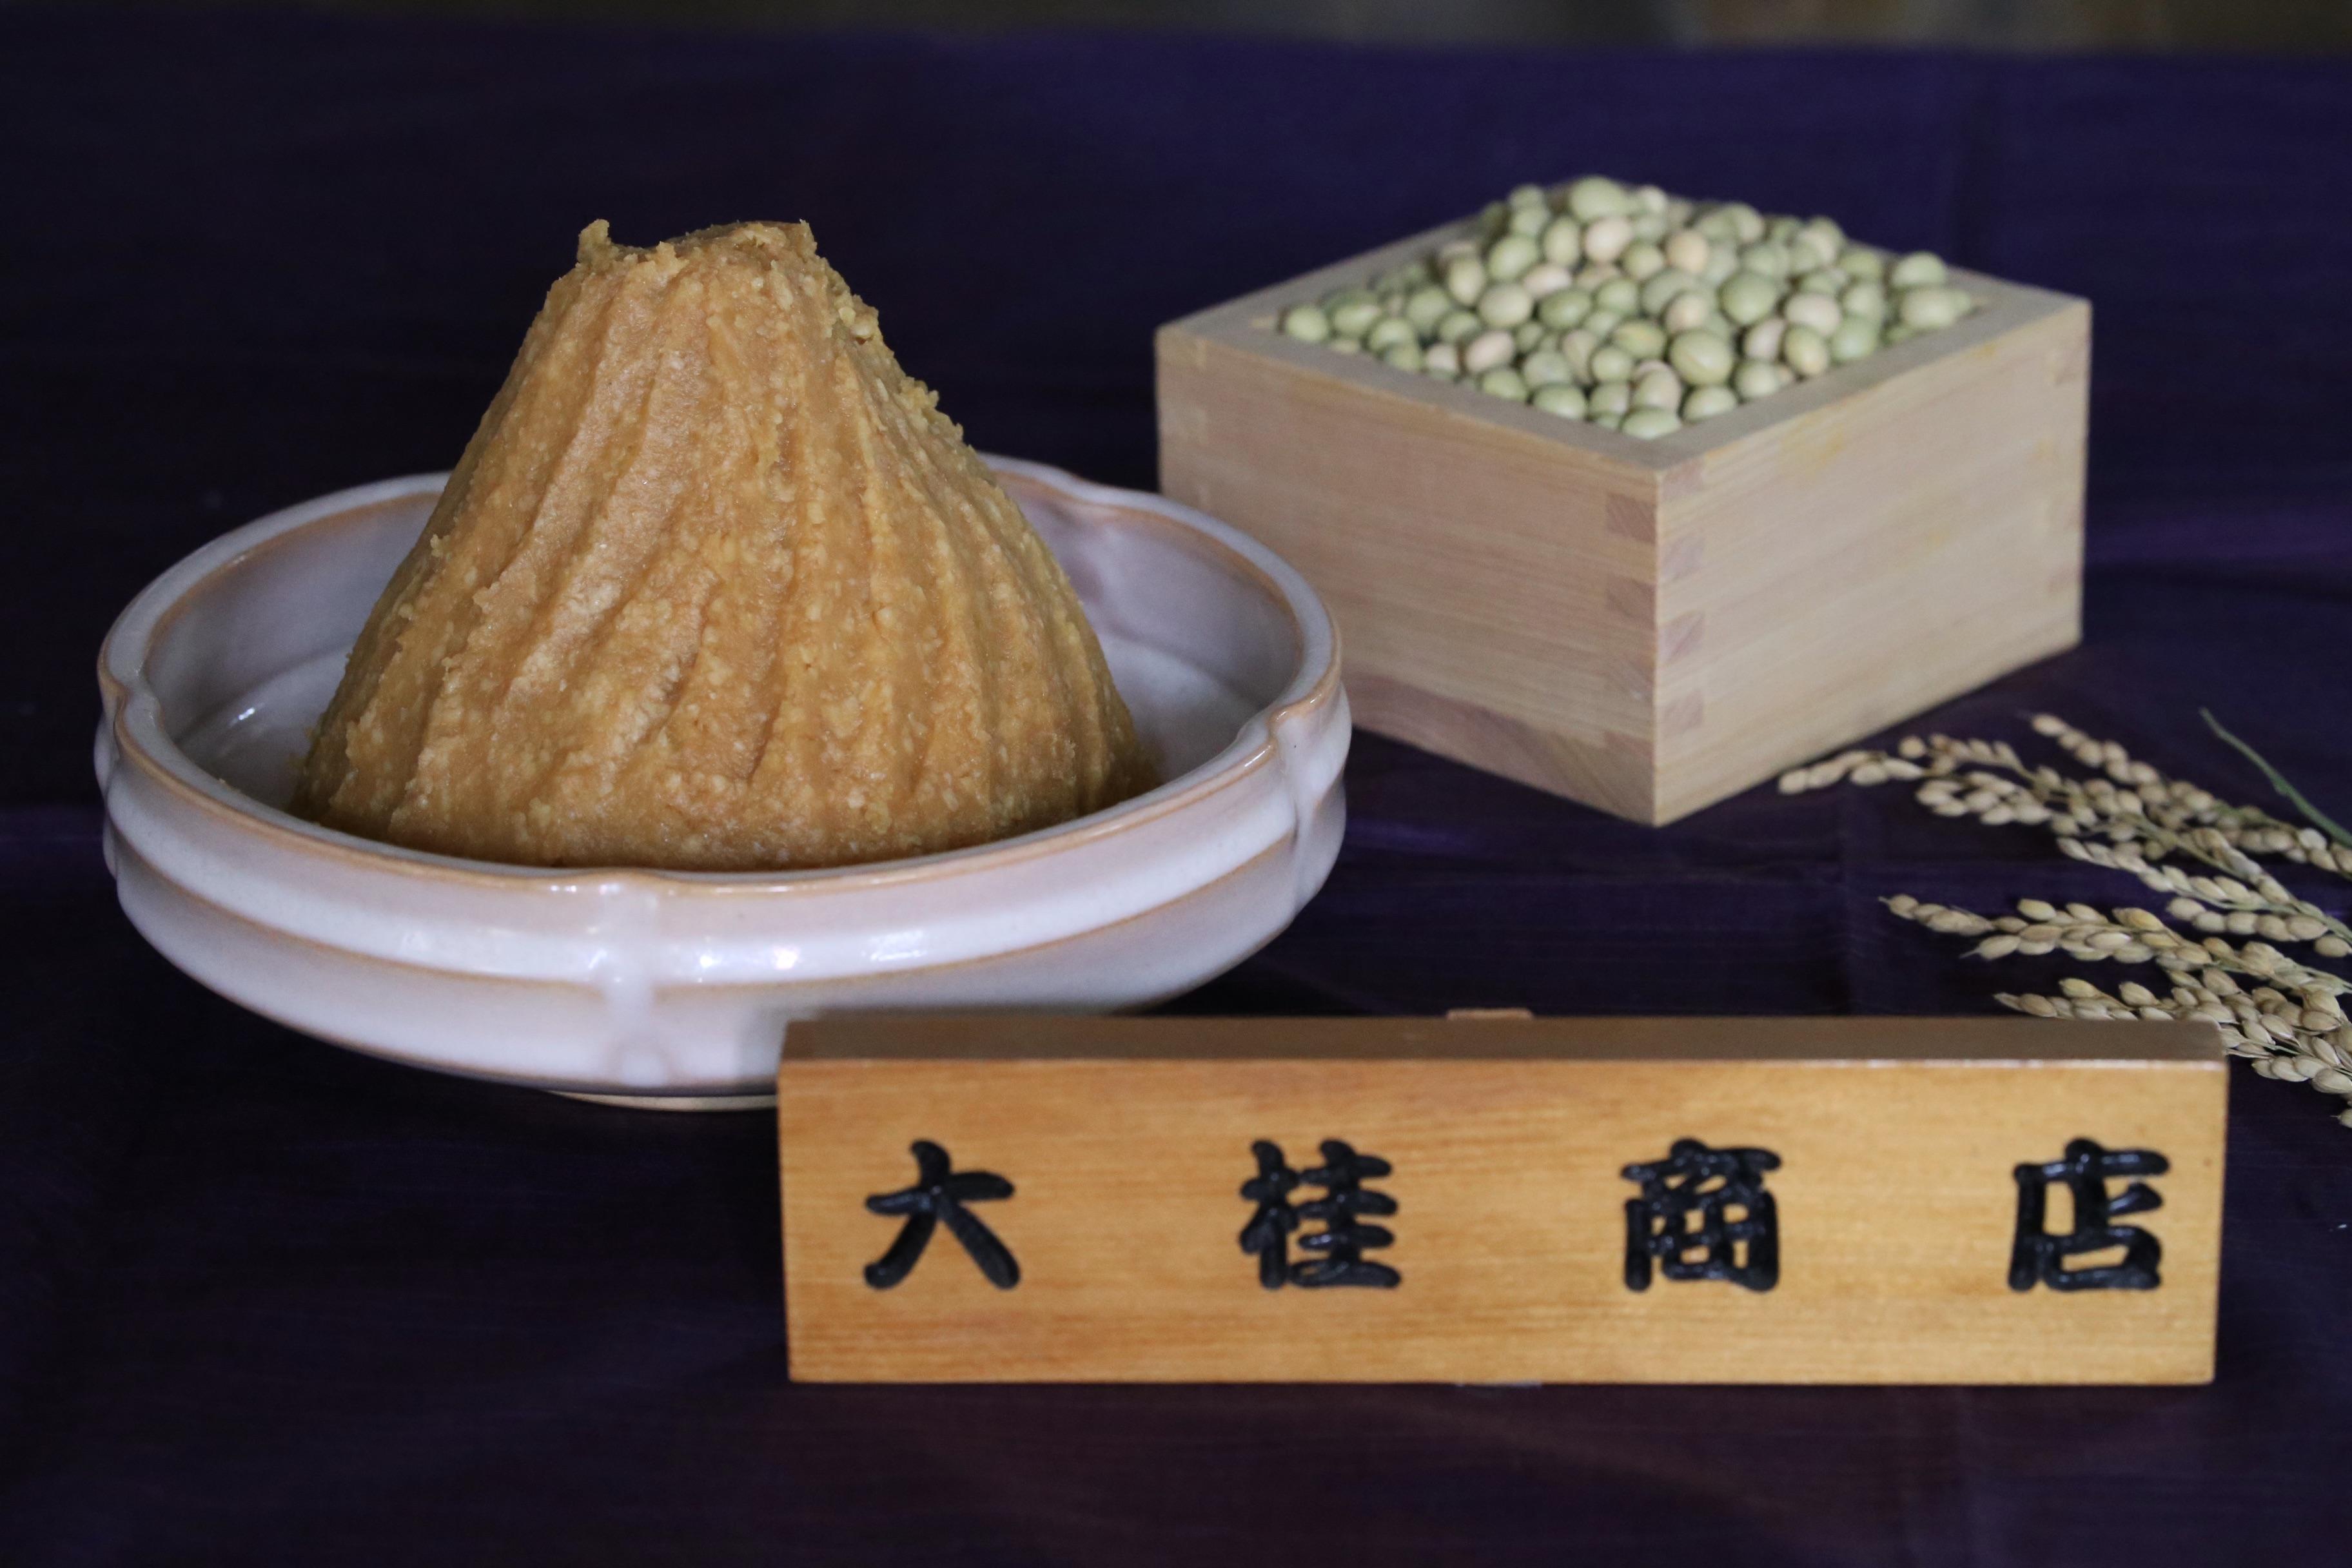 018-015 いろいろな味を楽しみたい方へ こだわり信州味噌 大吟醸みそ含む5種5kg詰合せ(I)